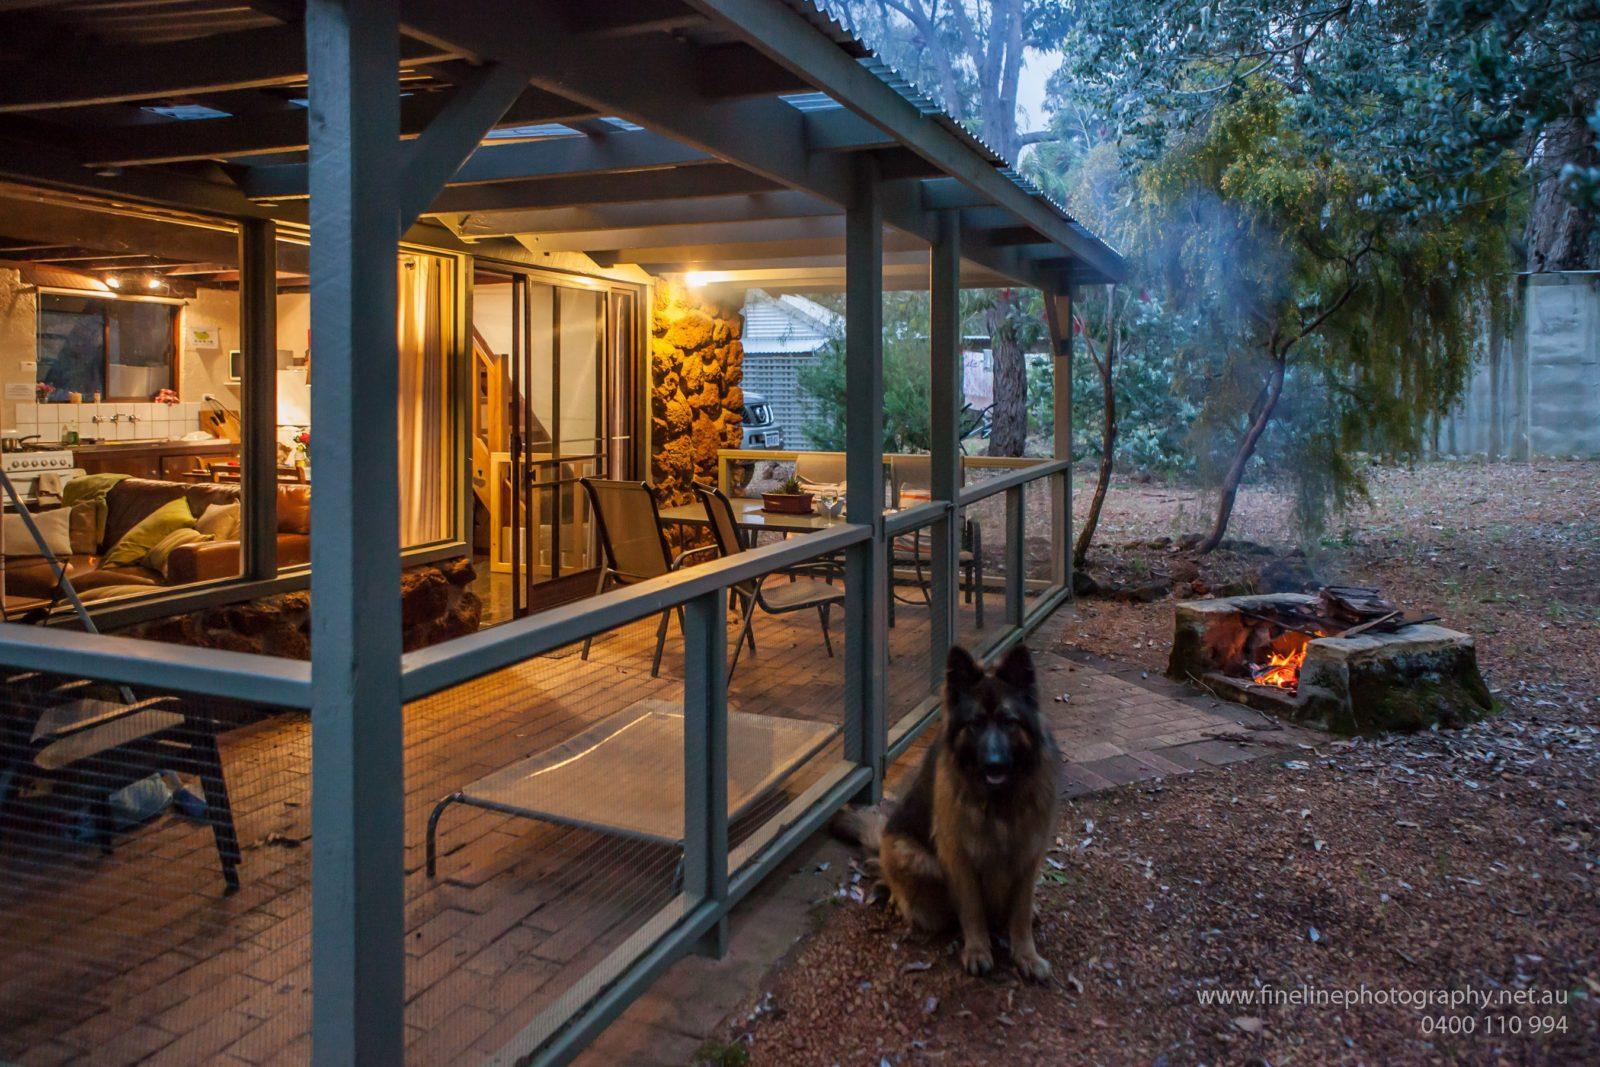 Margaret River Stone Cottages, Margaret River, Western Australia